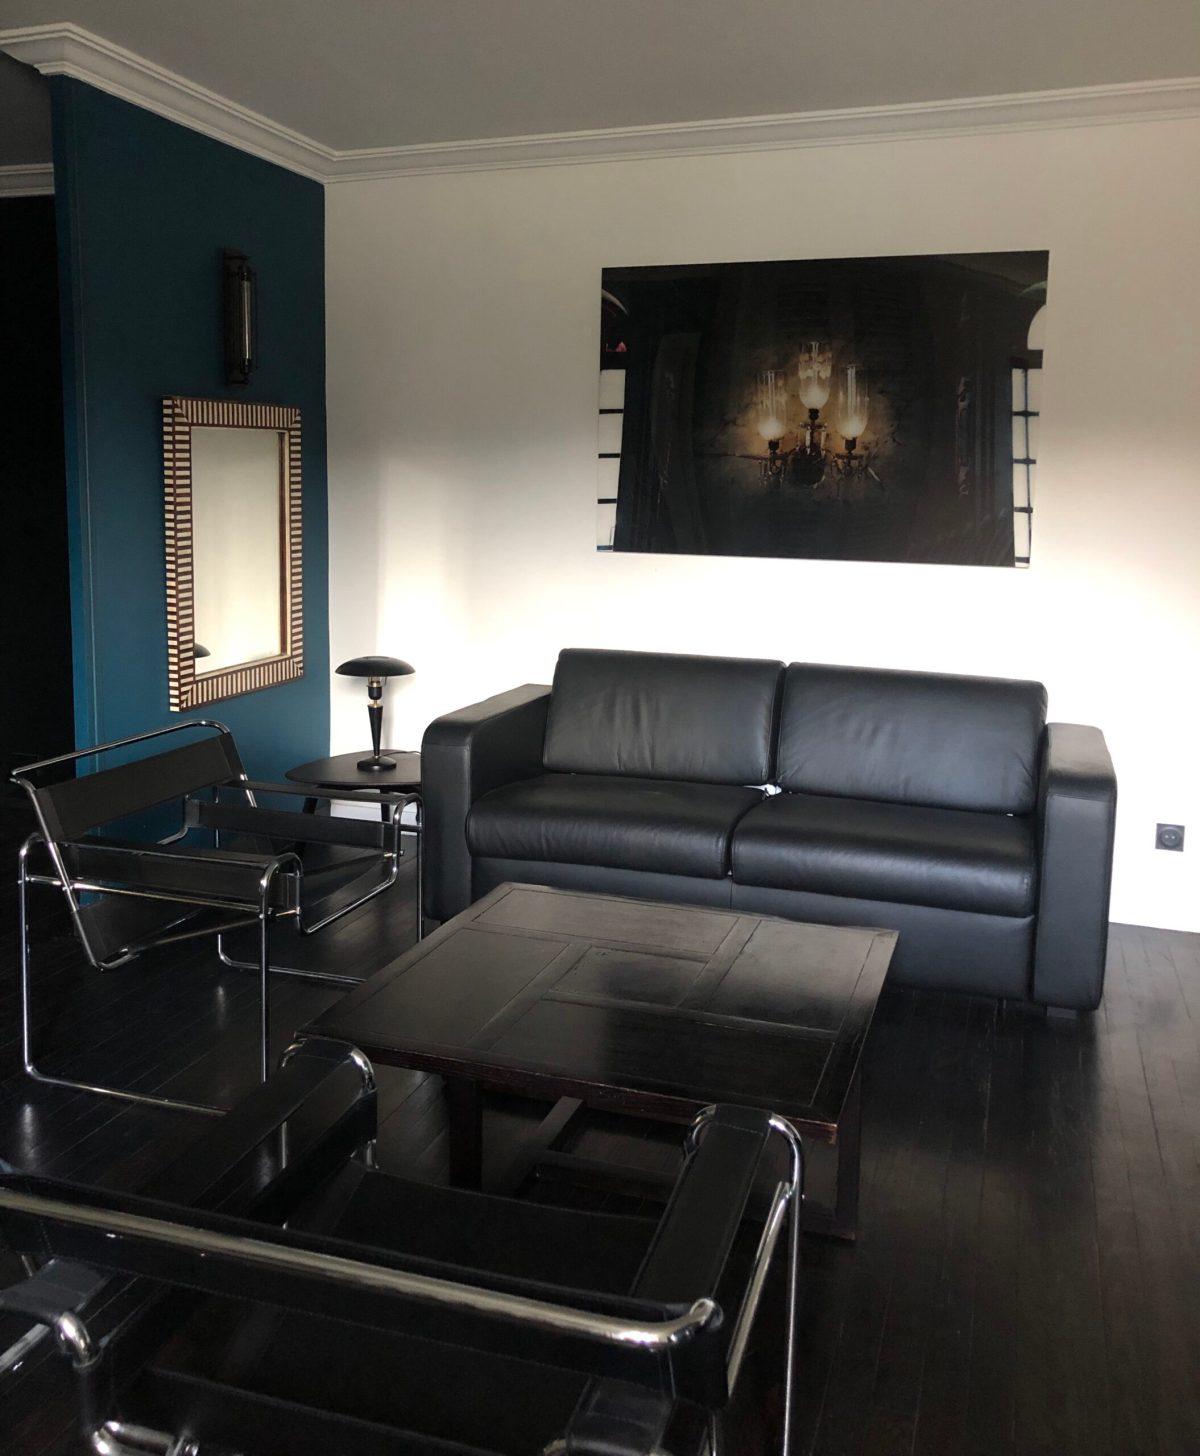 renovation maison decoration salon conception cuisine - emilie darneau lombardo - architecte interieur - 3